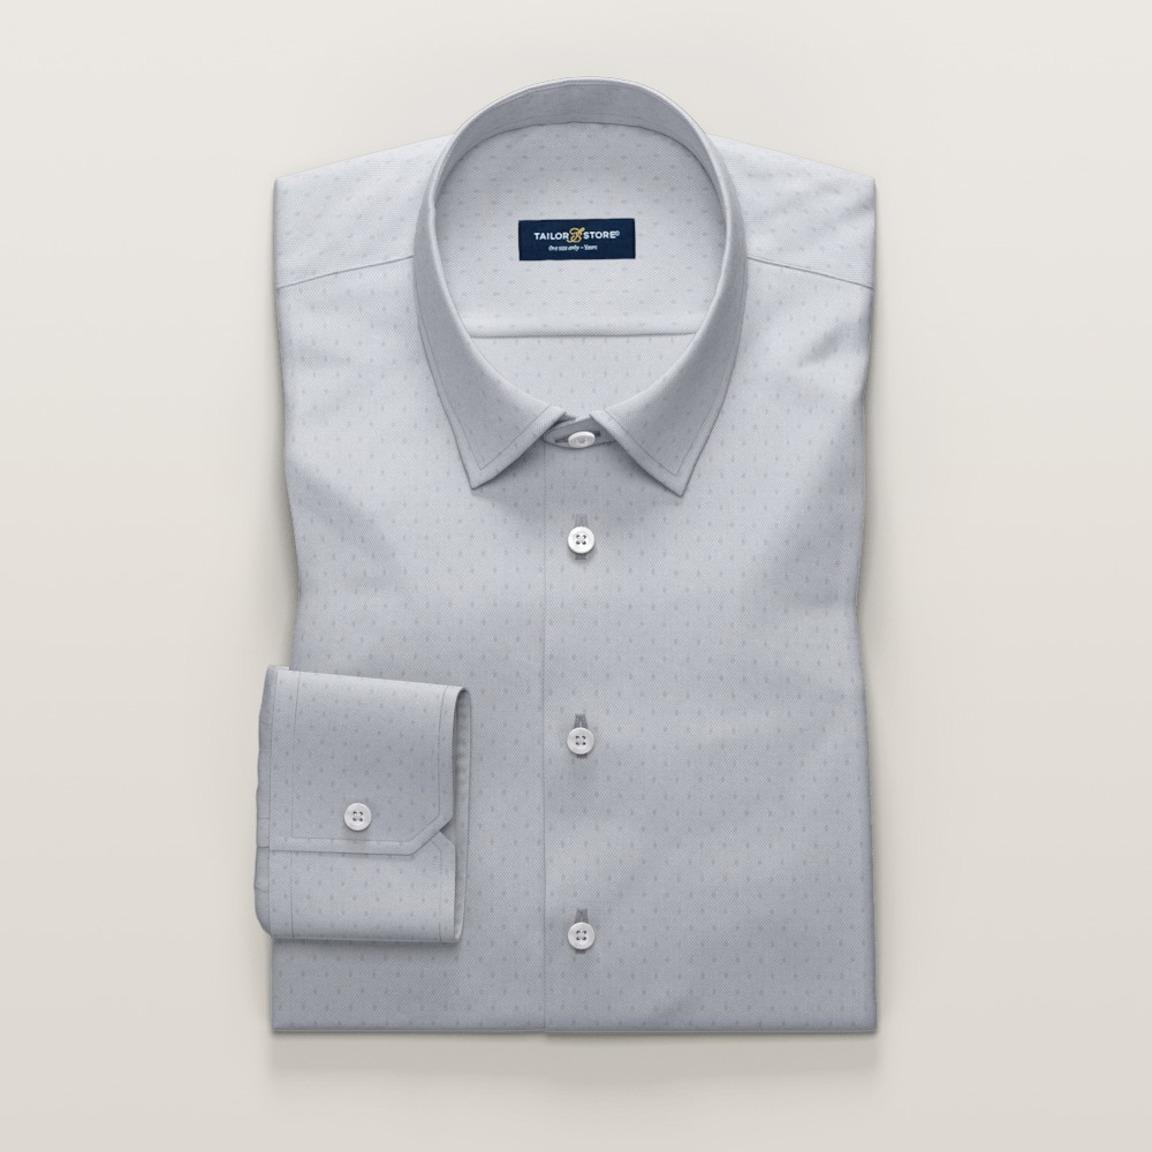 Exklusiv businesskjorta i ljusgrå dobby